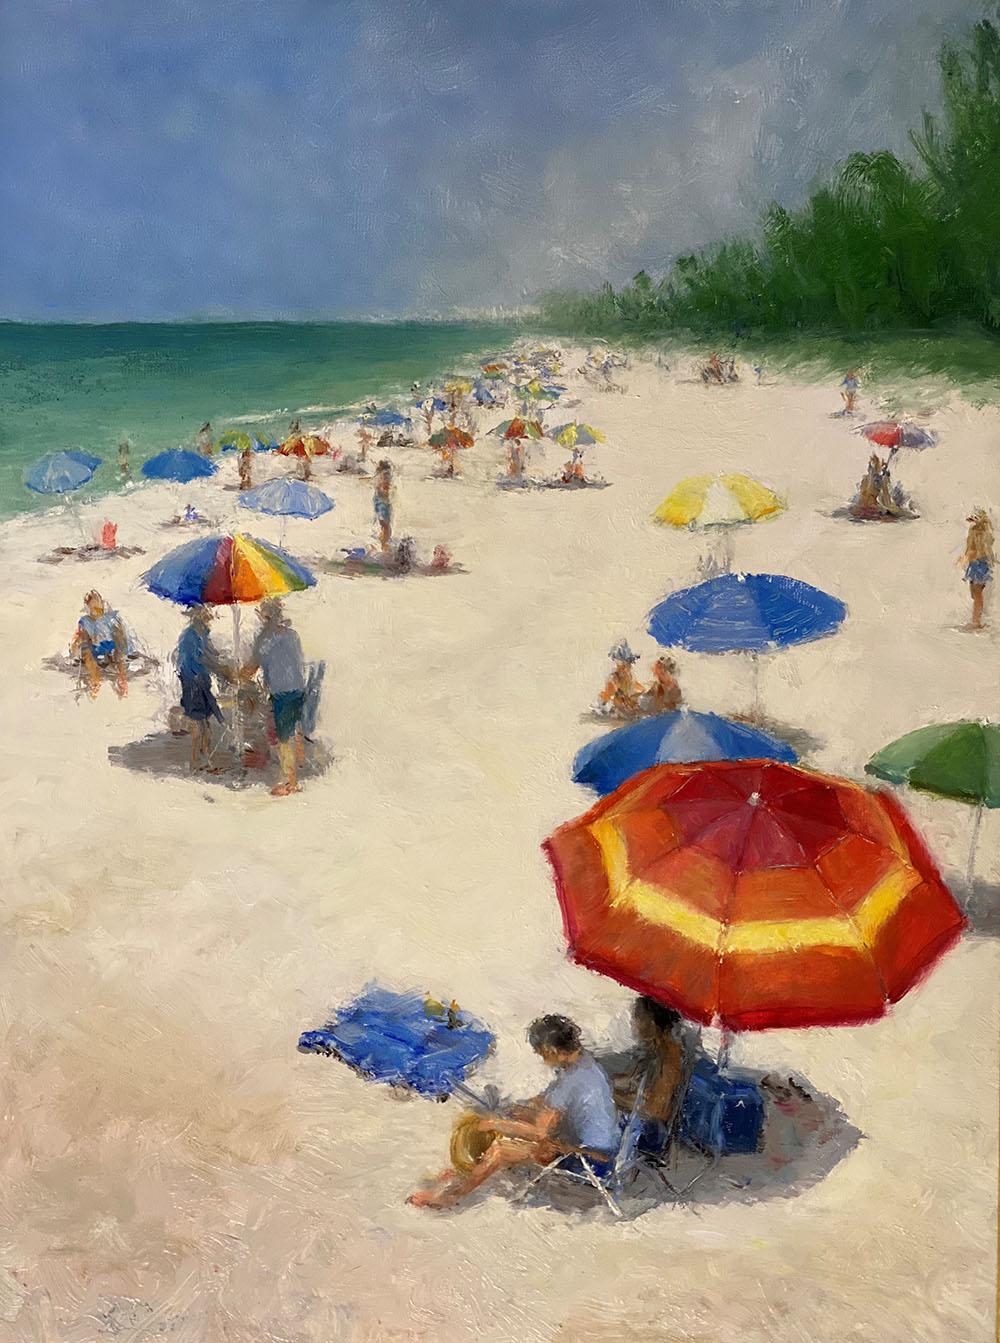 mark_daly_md1074_sea_of_umbrellas.jpg